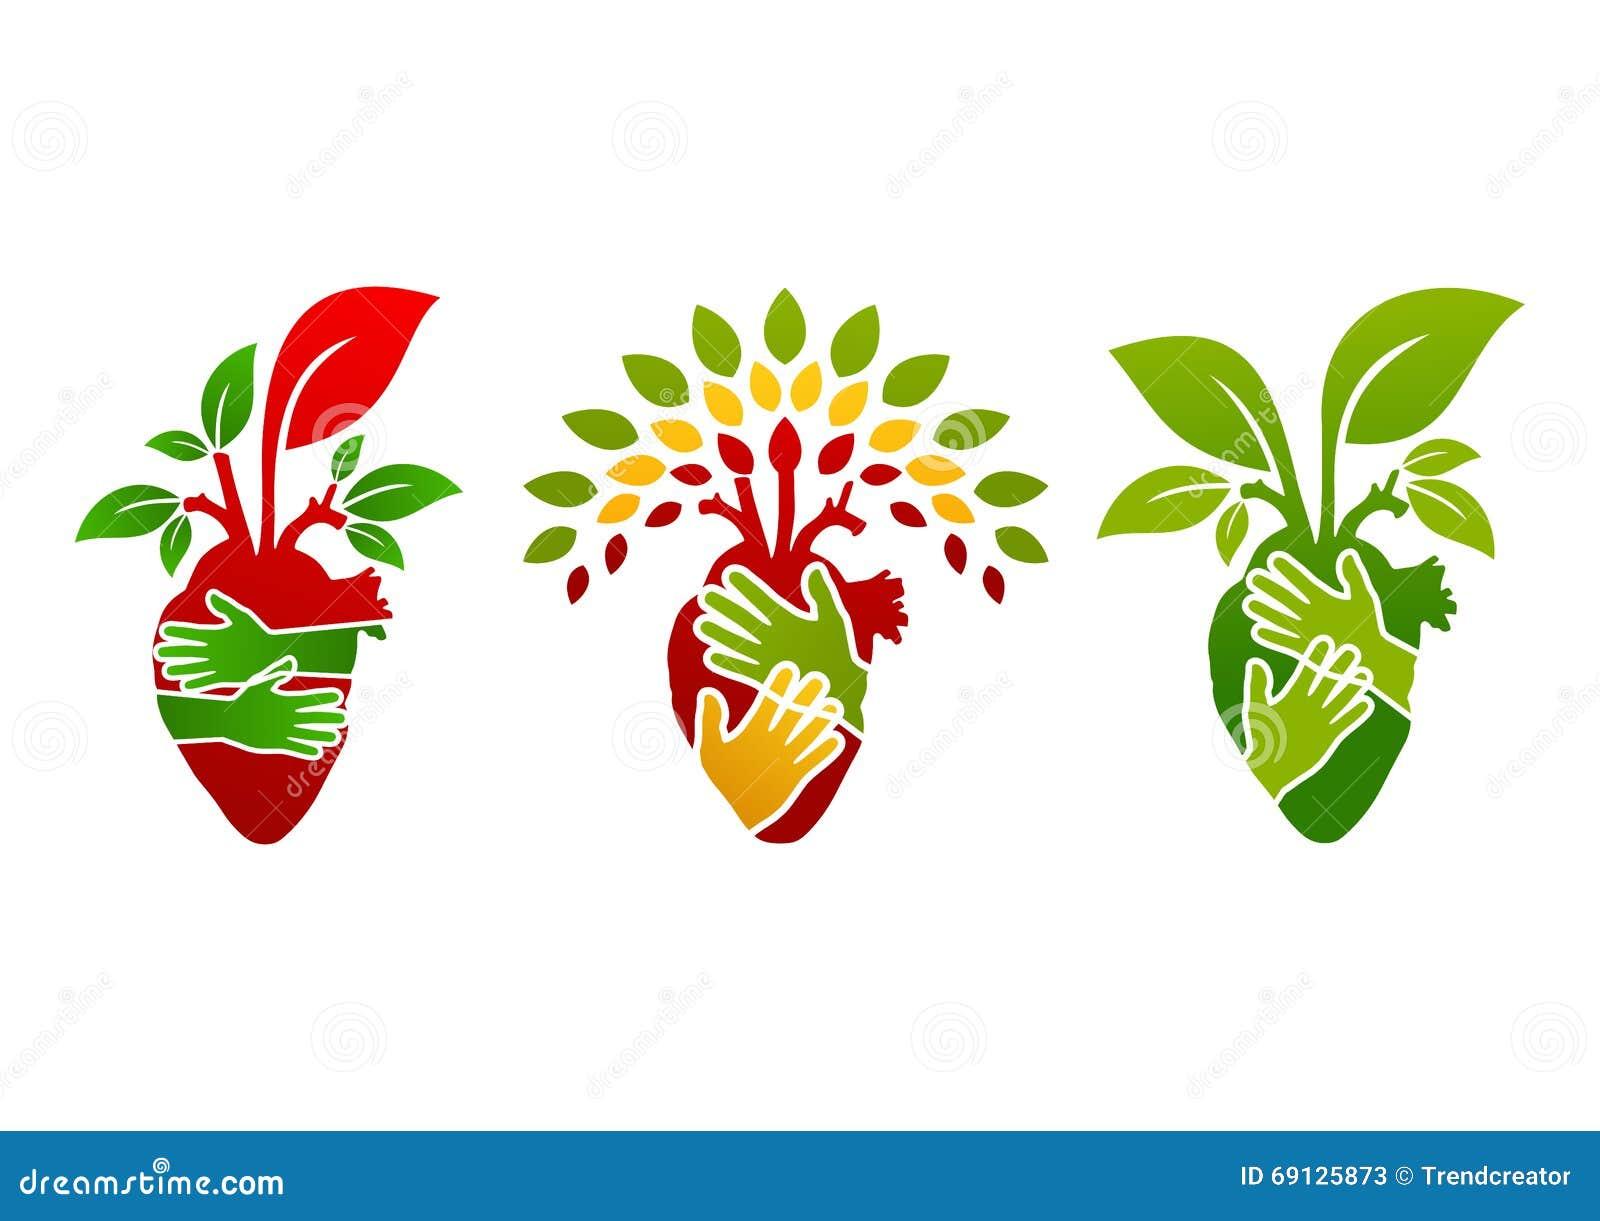 Logotipo del corazón, símbolo de la gente del árbol, icono de la planta de la naturaleza y diseño de concepto sano del corazón